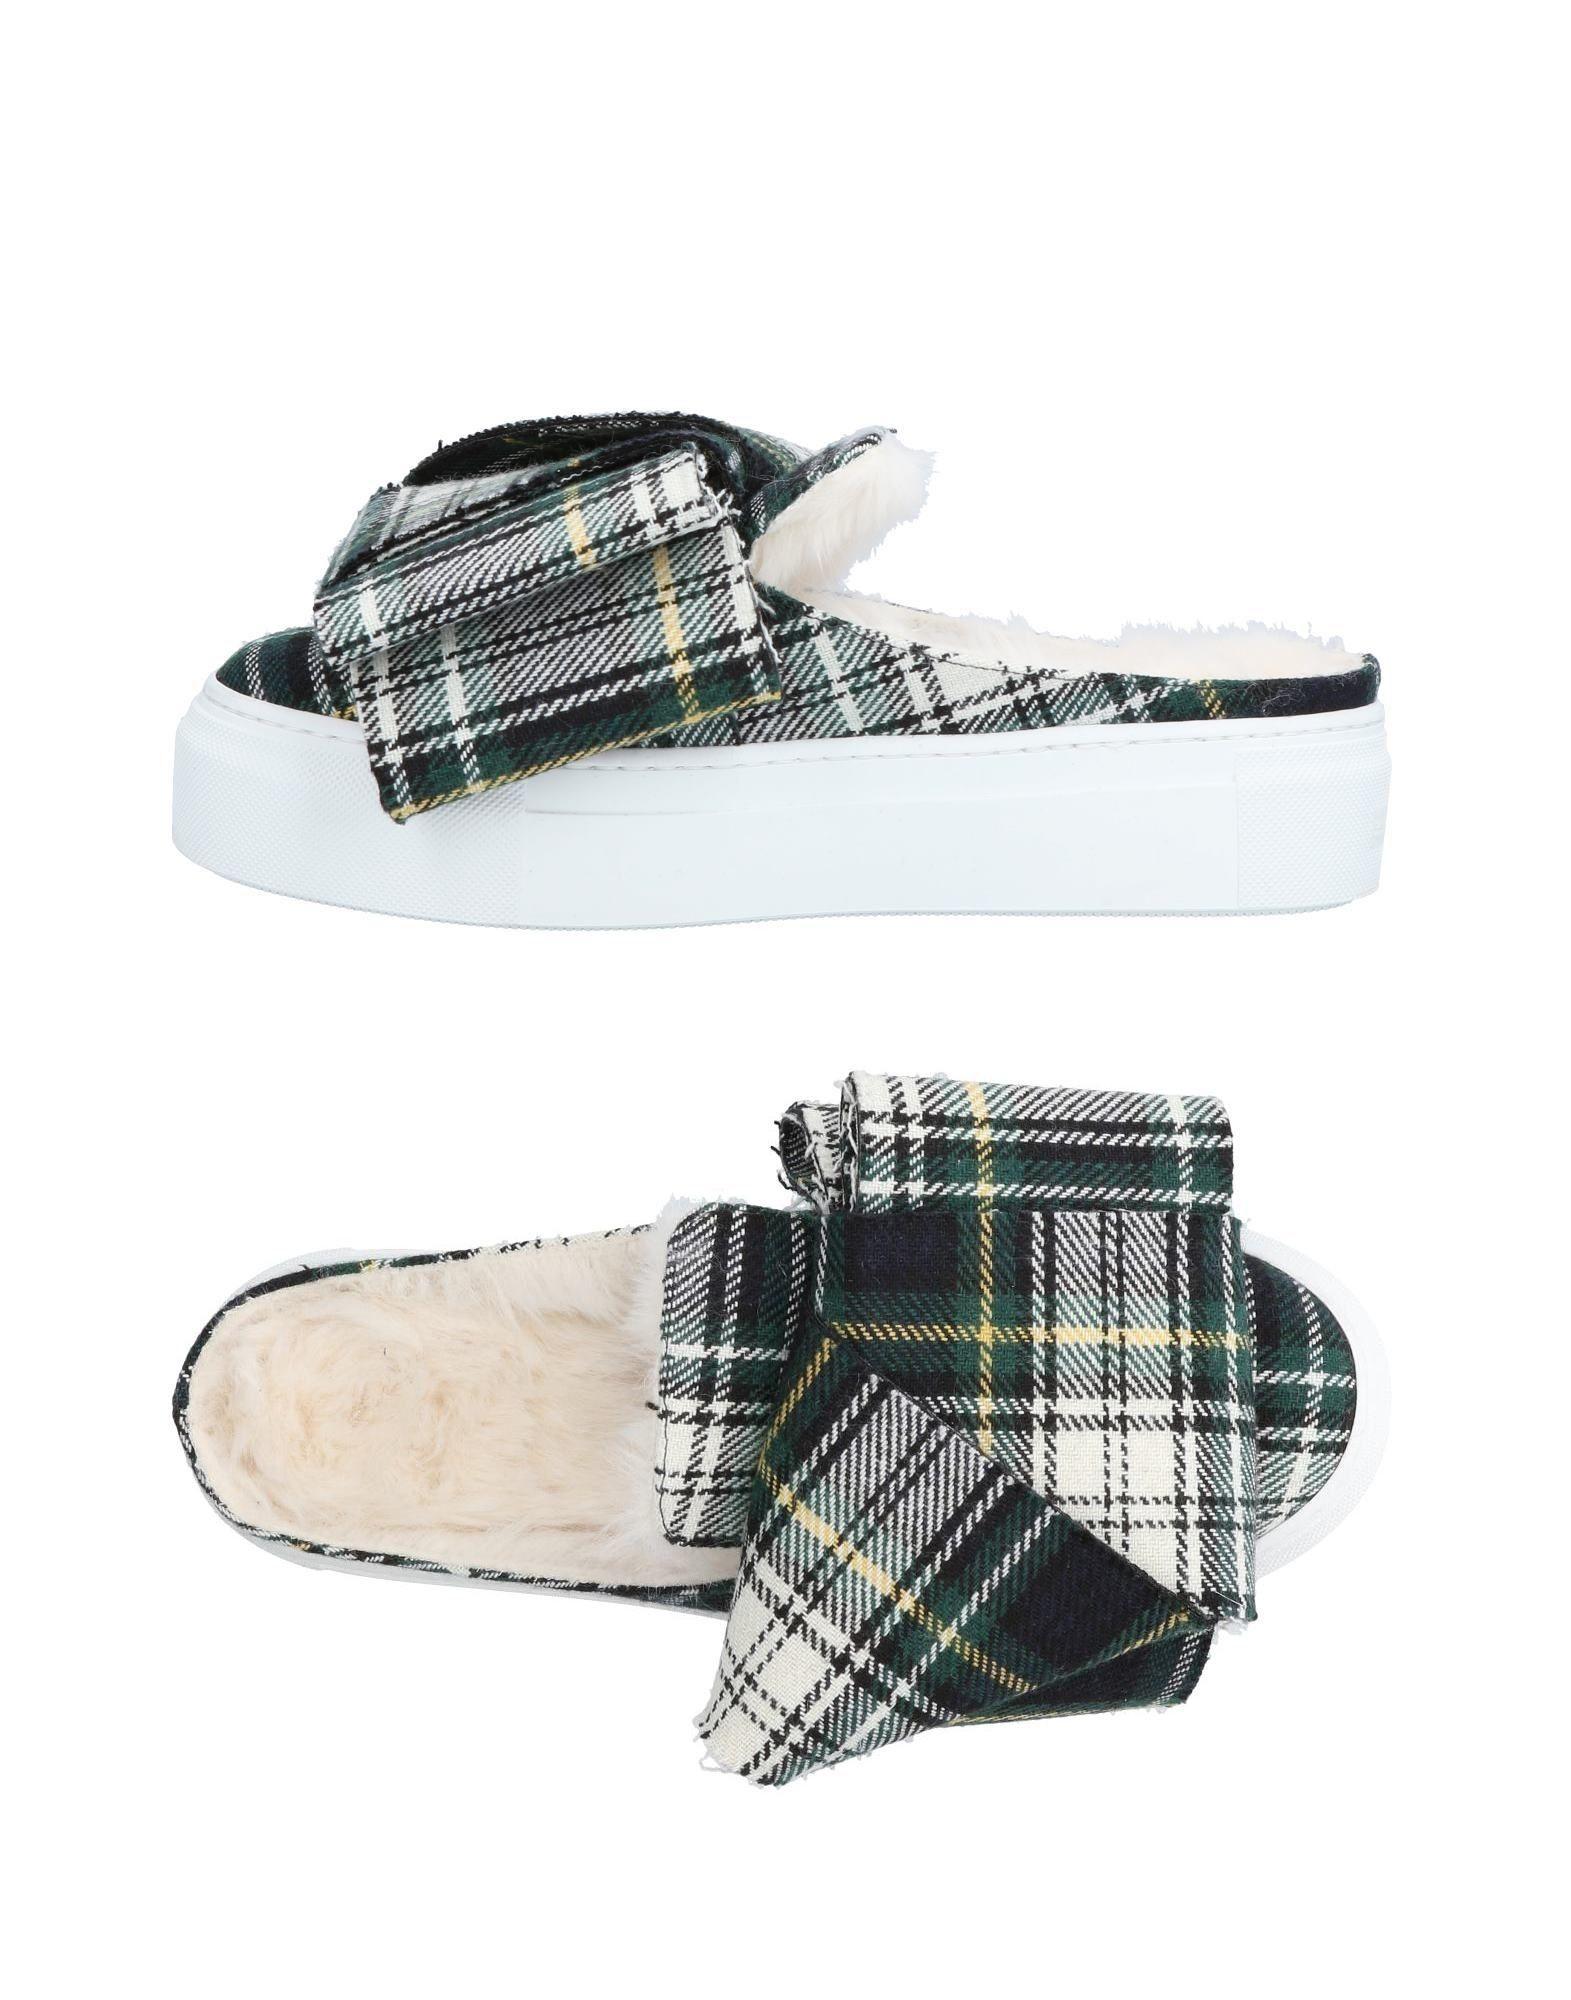 Stivaletti Cafènoir offerte Donna - 11267621QU Nuove offerte Cafènoir e scarpe comode 2369bd